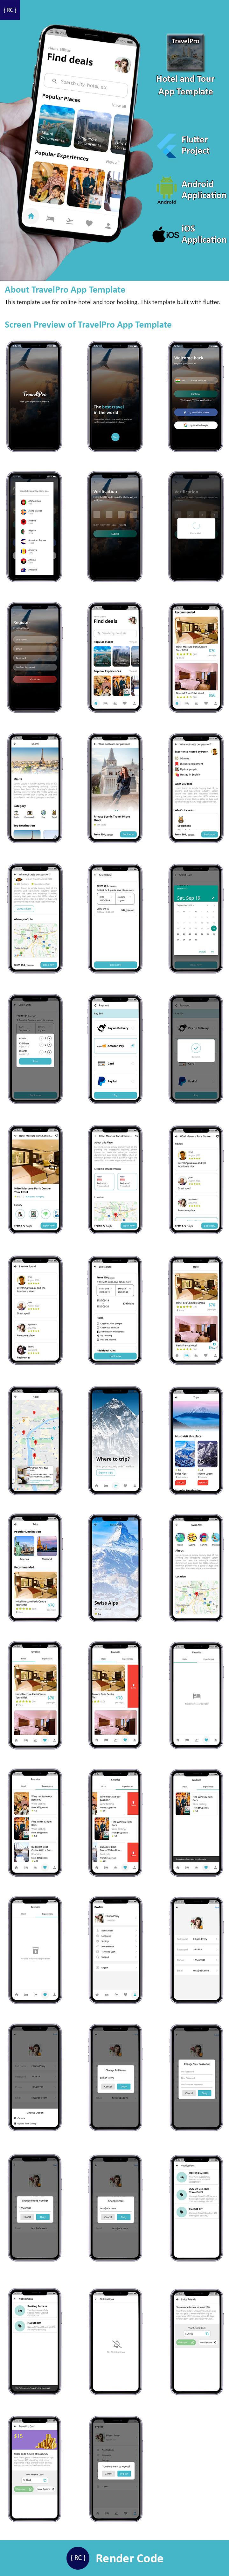 StunningKit - Biggest Flutter App Template Kit (15 App Template) - 2